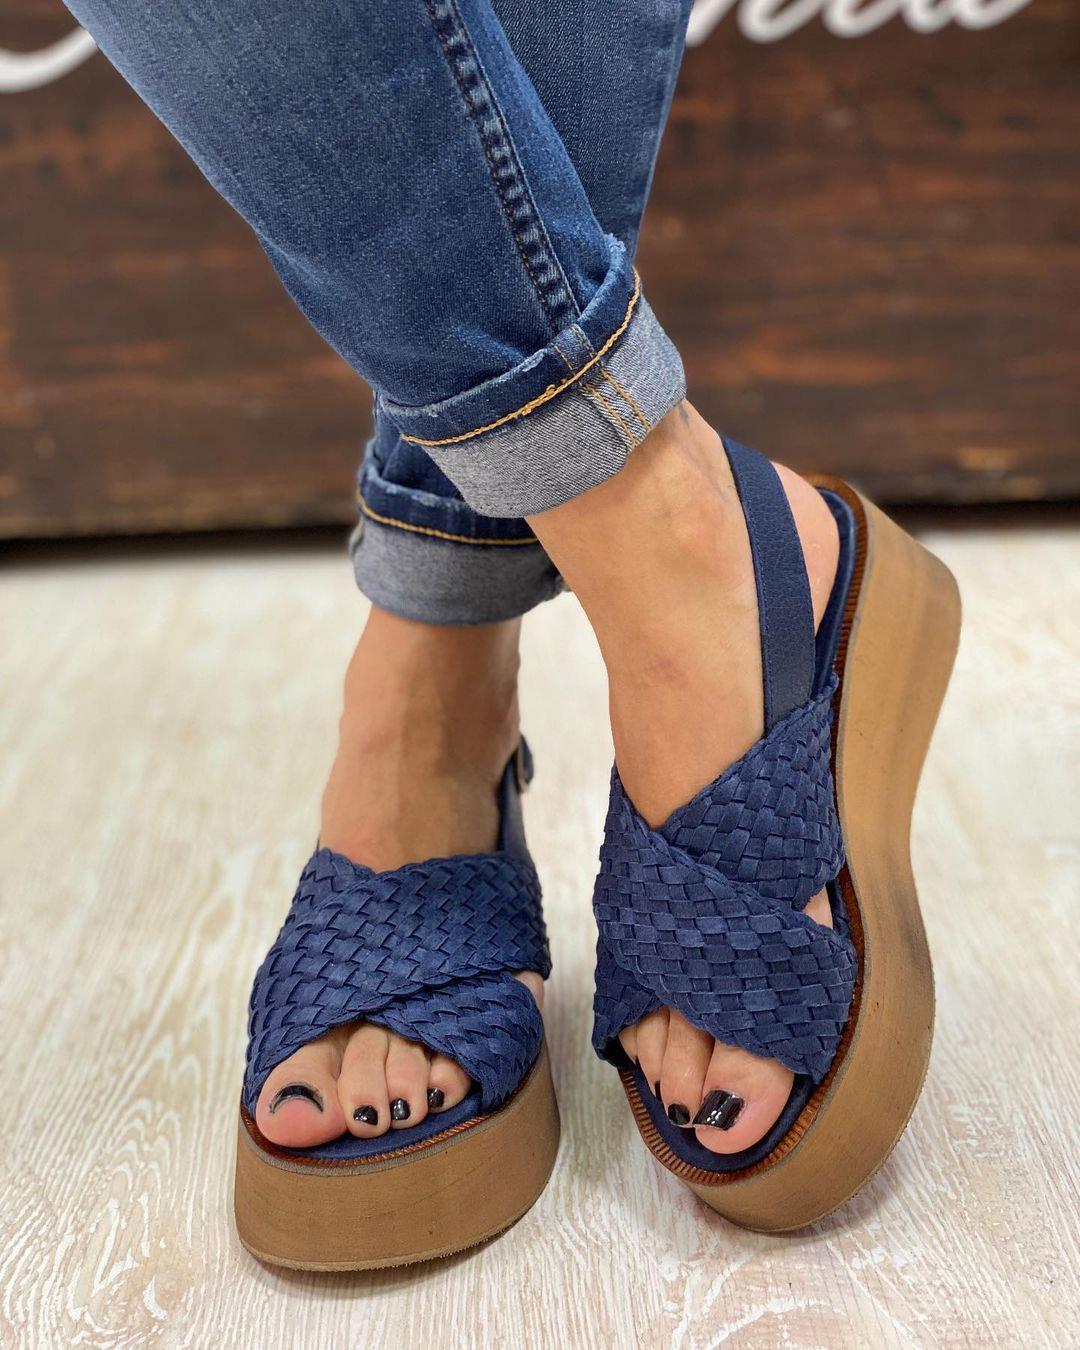 Sandalias de moda 2021